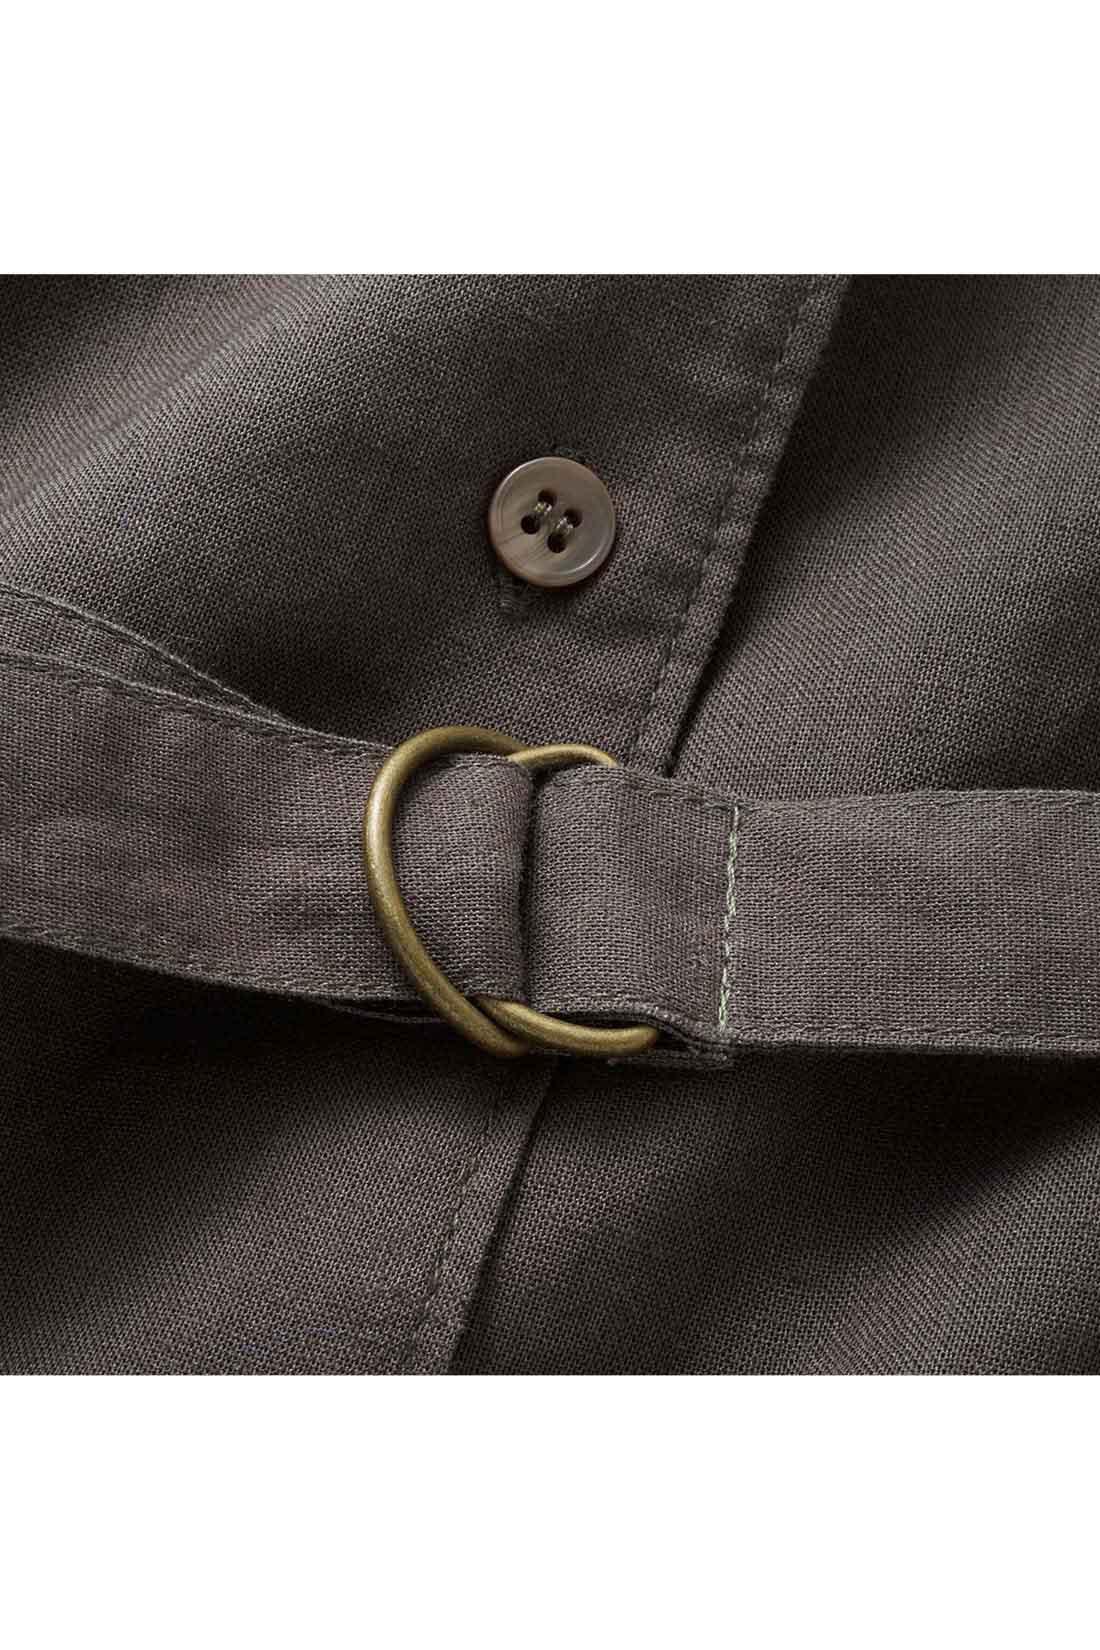 マーブル調のボタンとウエストのアンティークゴールド調のDカン遣いで、大人のかっこよさをディテールで表現しました。